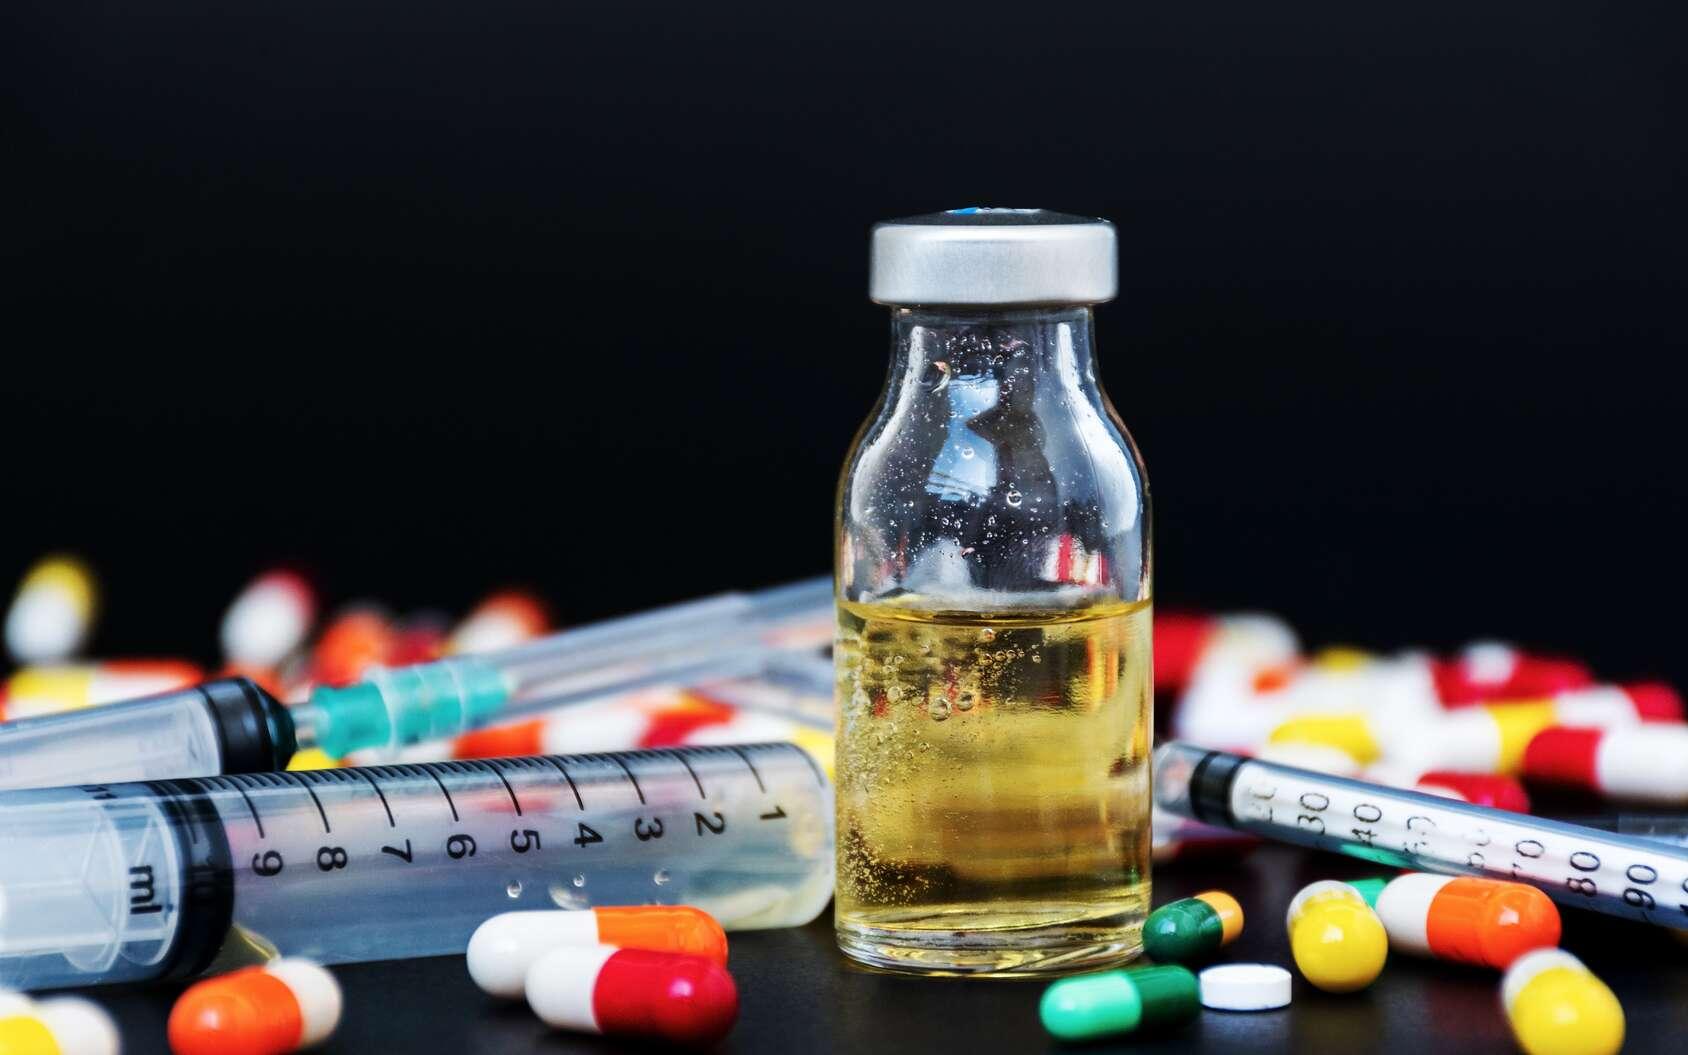 Grâce à des essais cliniques, le technicien d'études cliniques cherche et met sur le marché de nouveaux traitements. © arthit, Fotolia.